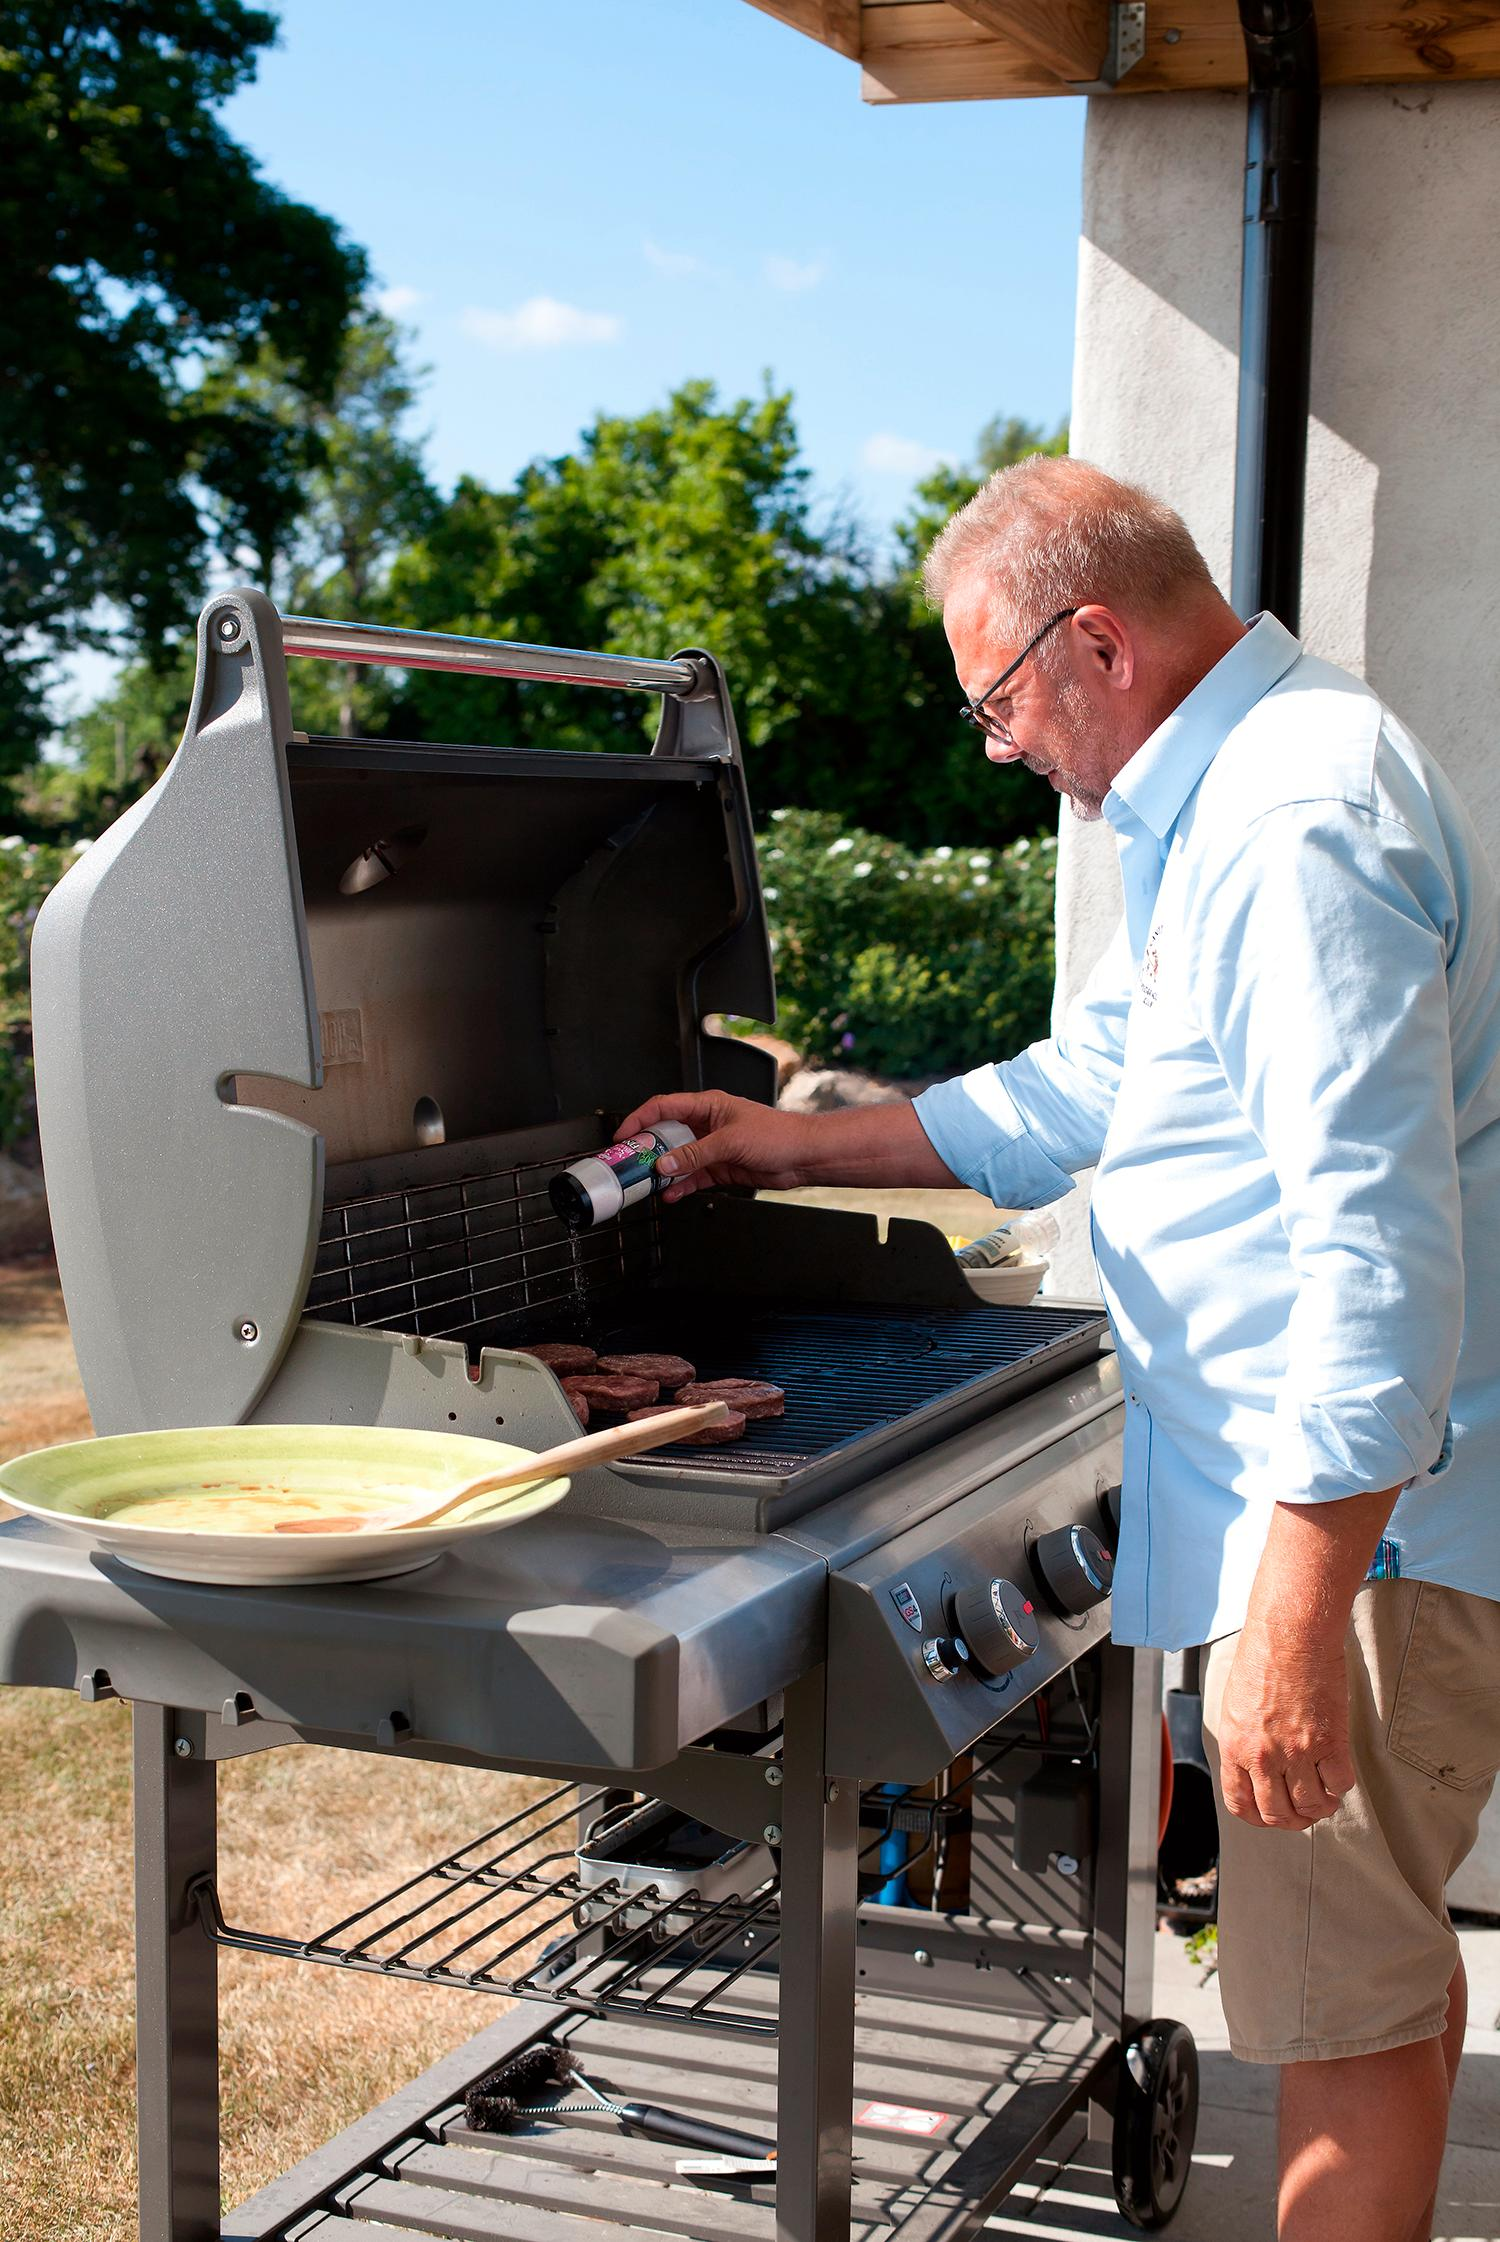 Anders trivs som bäst när familj och vänner träffas för spontana middagar och då ställer han sig gärna vid grillen.